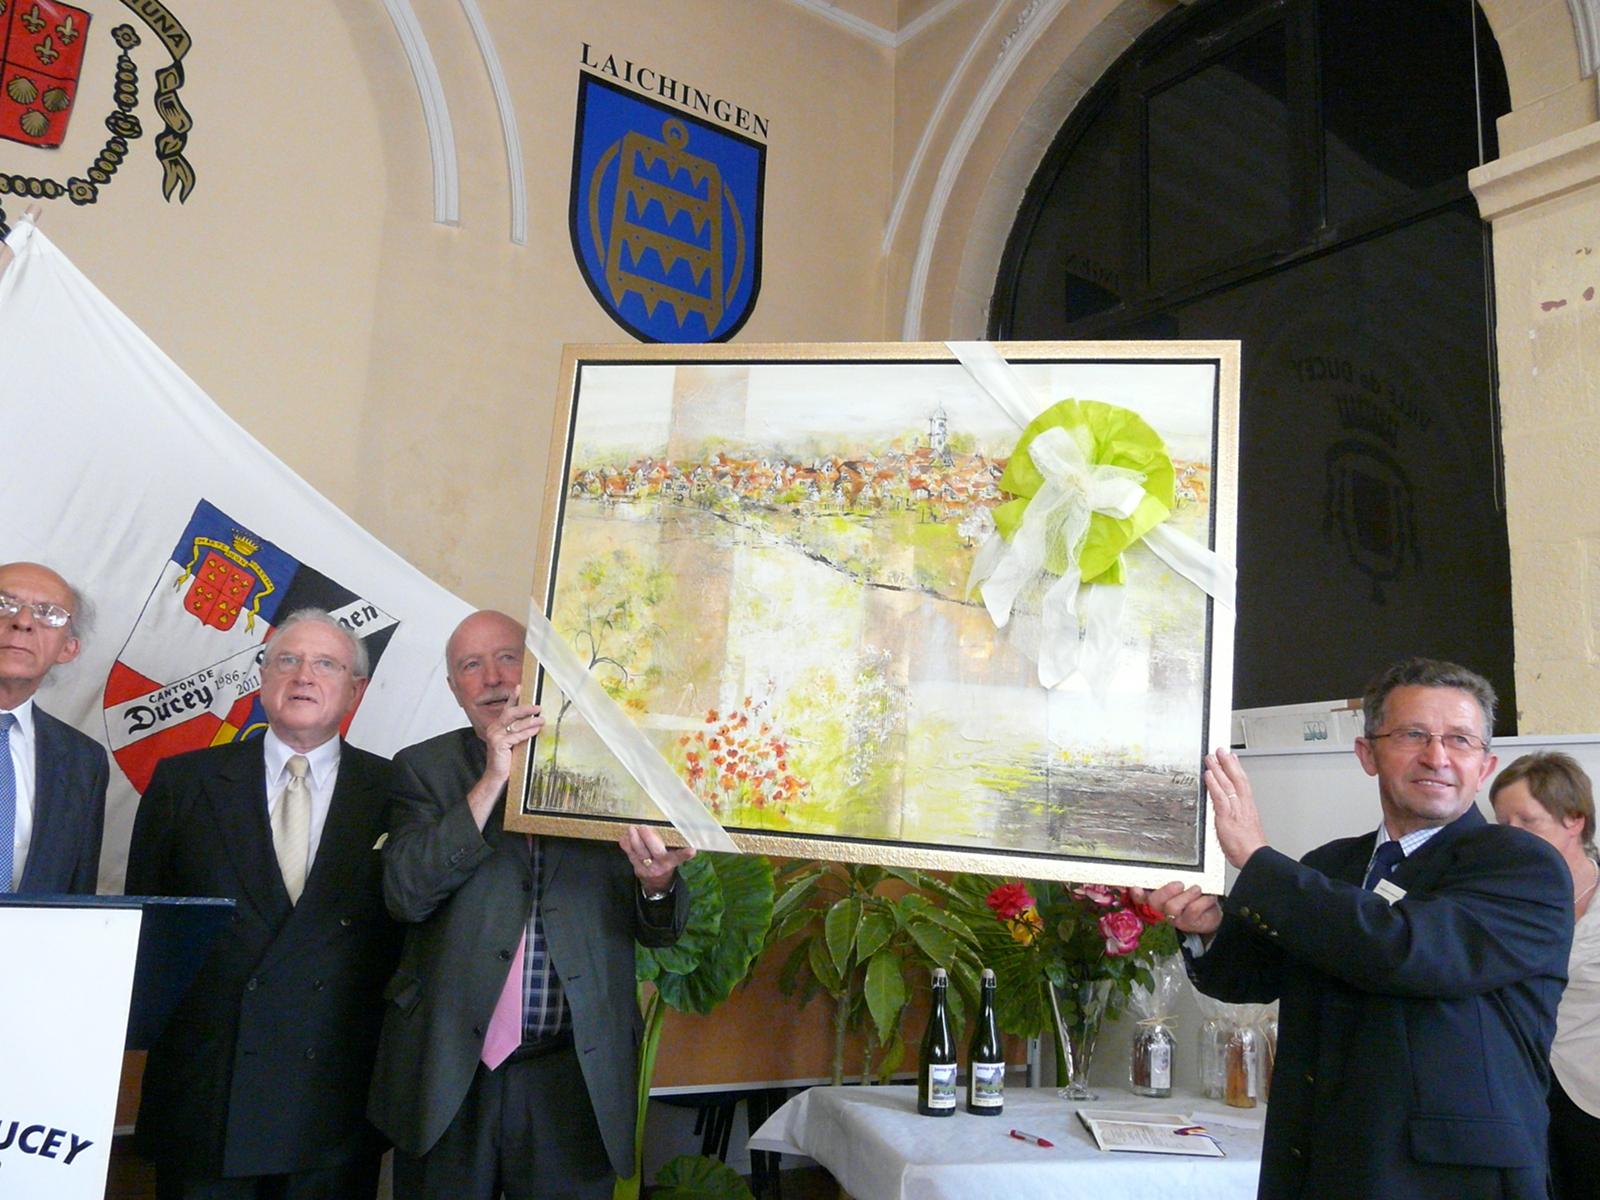 Stellvertrender Bürgermeister Martin Schwenkmezger überreicht ein Bild als Gastgeschenk mit einer Laichinger Ansicht den französischen Gästen